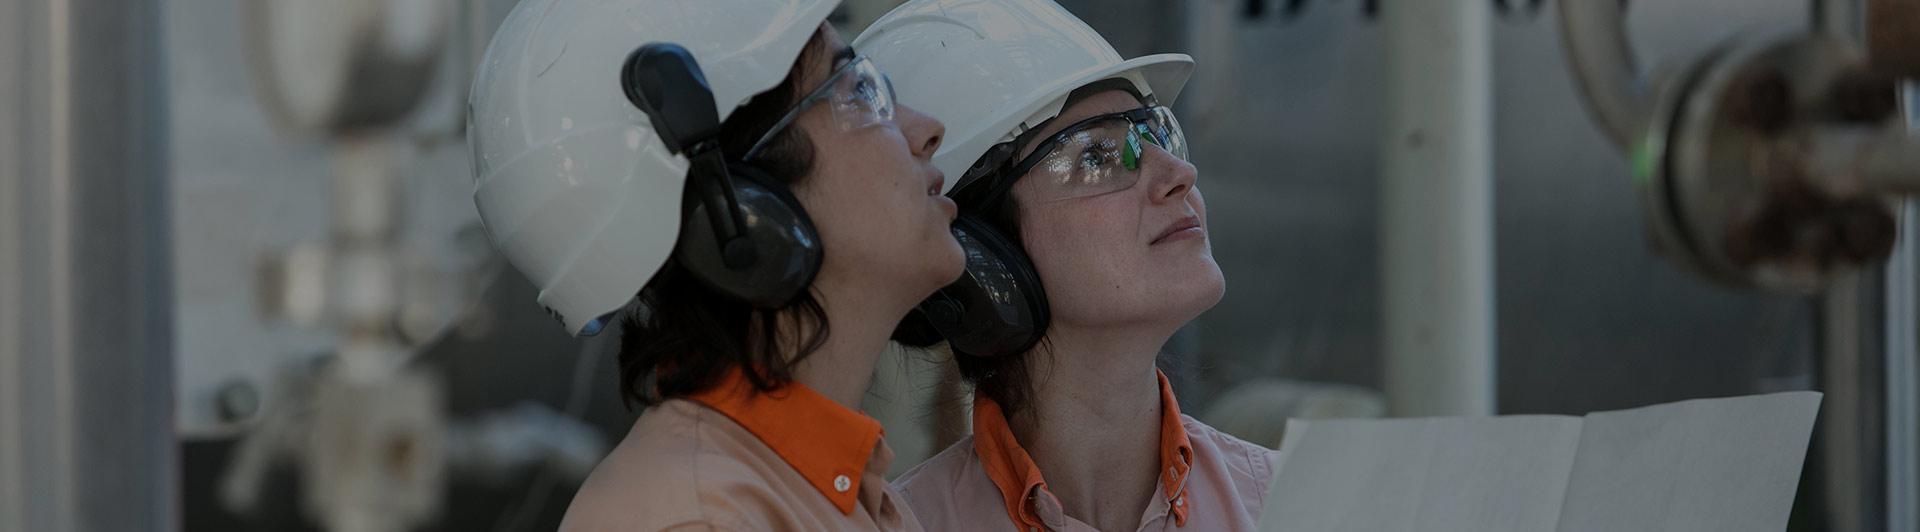 mujeres buscando trabajo en quito conocer gente en espana